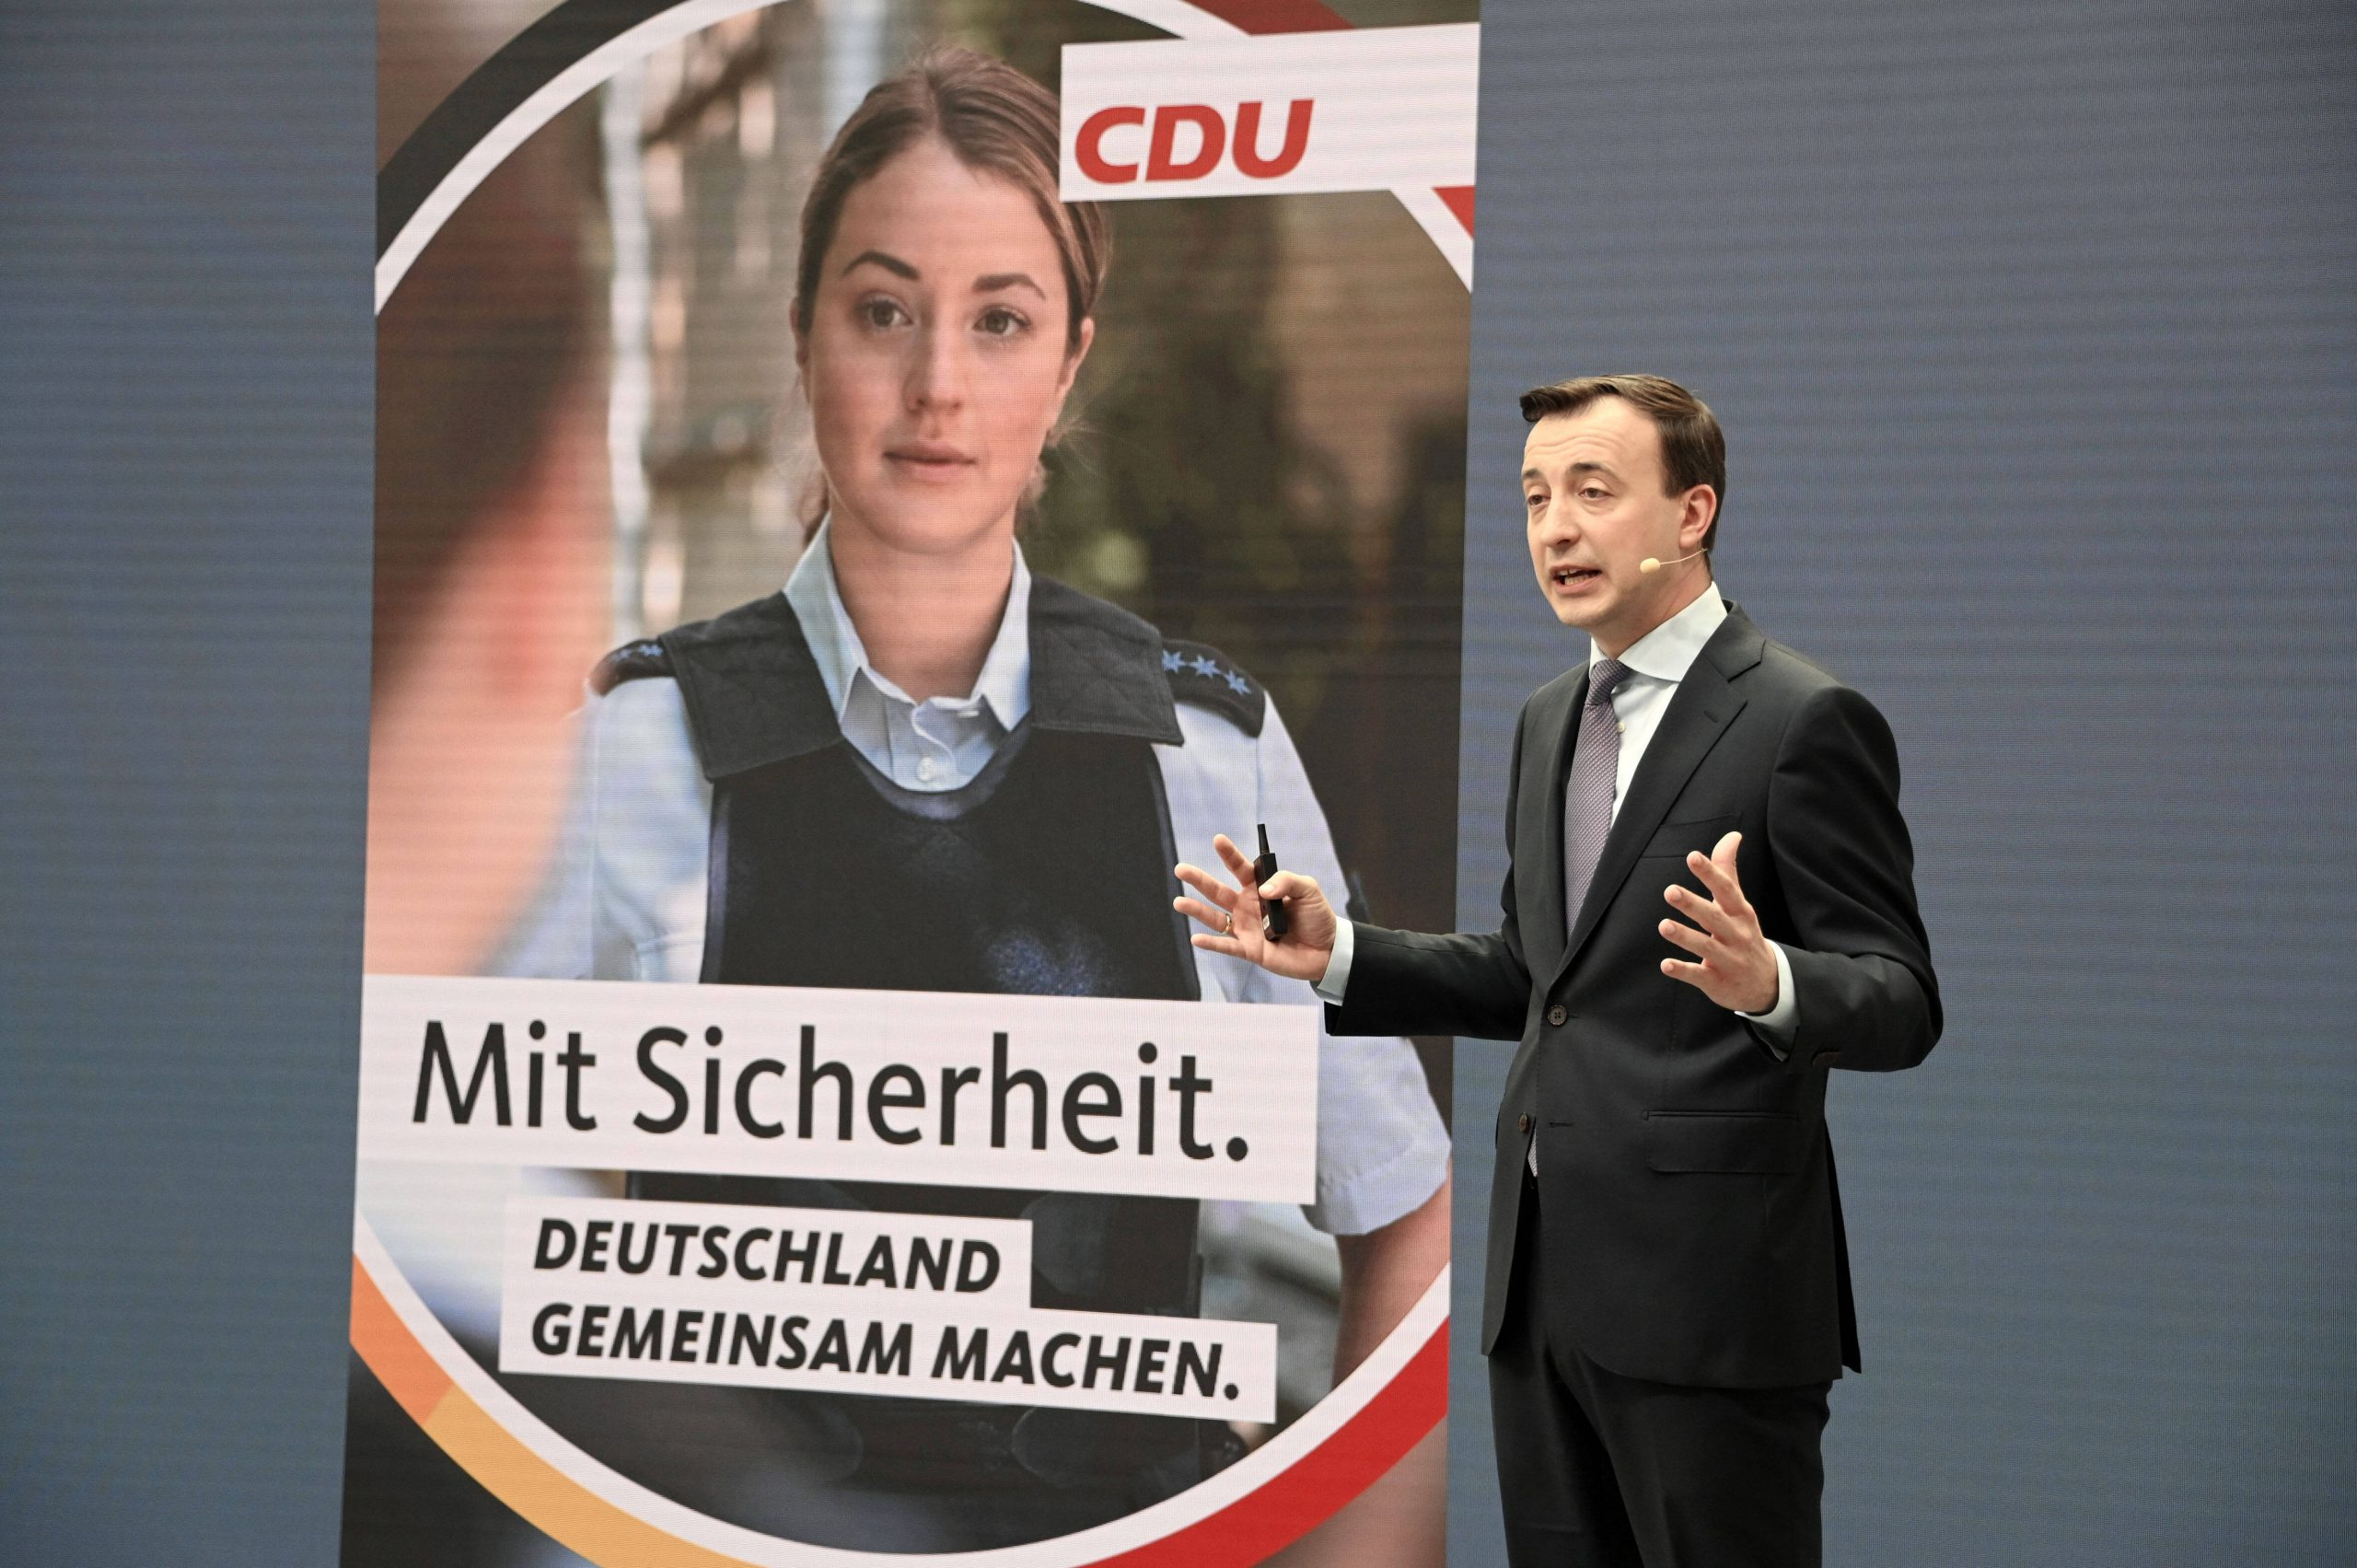 Wahlplakate mit Fake-Polizistin: Das sagt Hamburgs CDU | MOPO